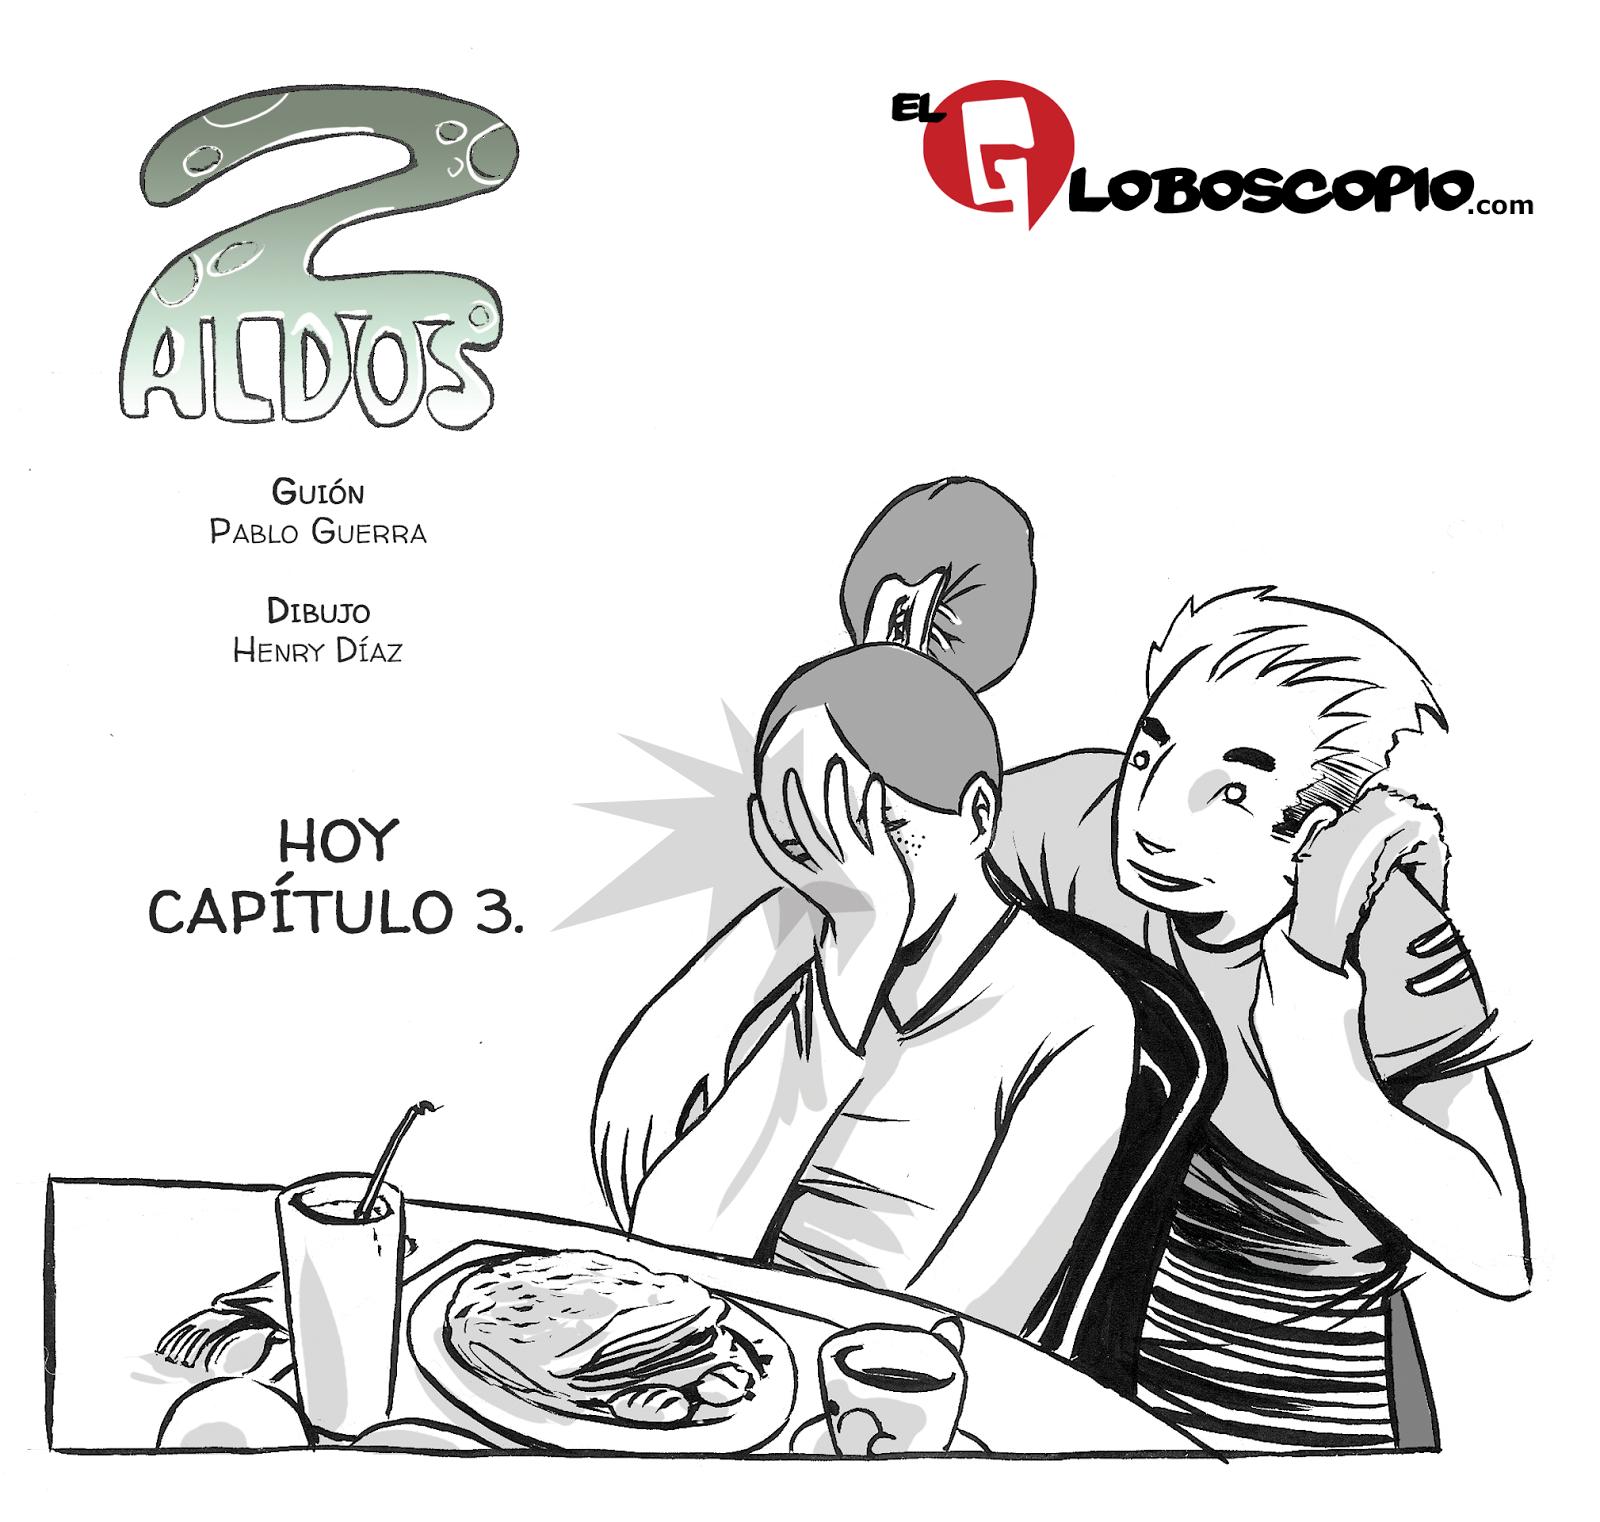 http://www.elgloboscopio.com/2014/04/dos-aldos-capitulo-3-de-pablo-guerra-y.html